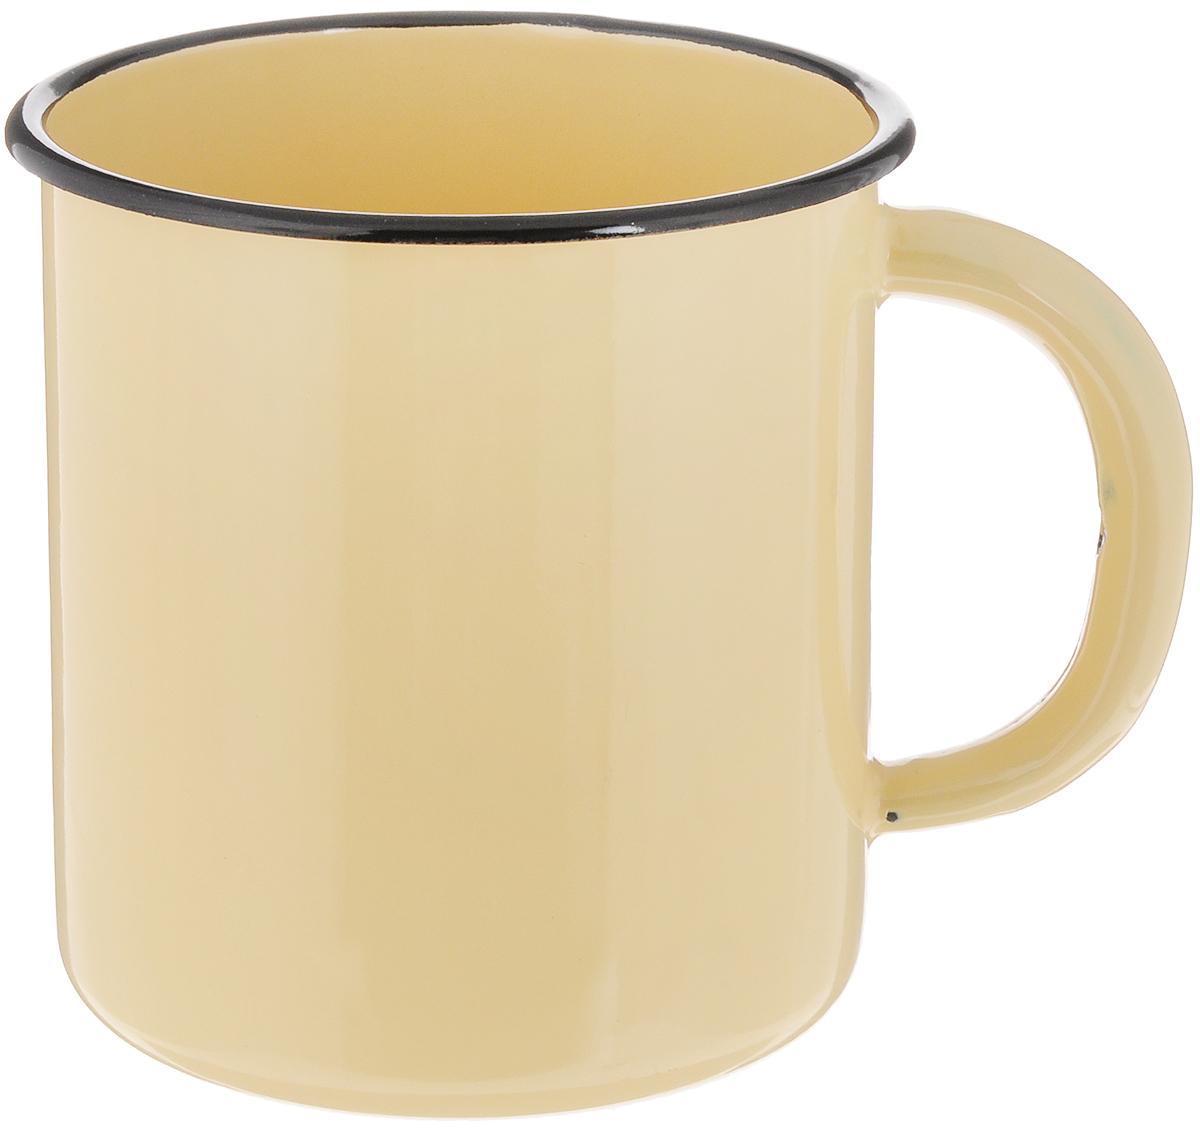 Кружка эмалированная СтальЭмаль, цвет: желтый, черный, 1 л115510Кружка СтальЭмаль изготовлена из высококачественной стали с эмалированным покрытием. Такая кружка не требует особого ухода, и ее легко мыть.Изделие прекрасно подходит для подогрева молока и многого другого. Диаметр кружки (по верхнему краю): 11,5 см.Высота кружки: 12 см.